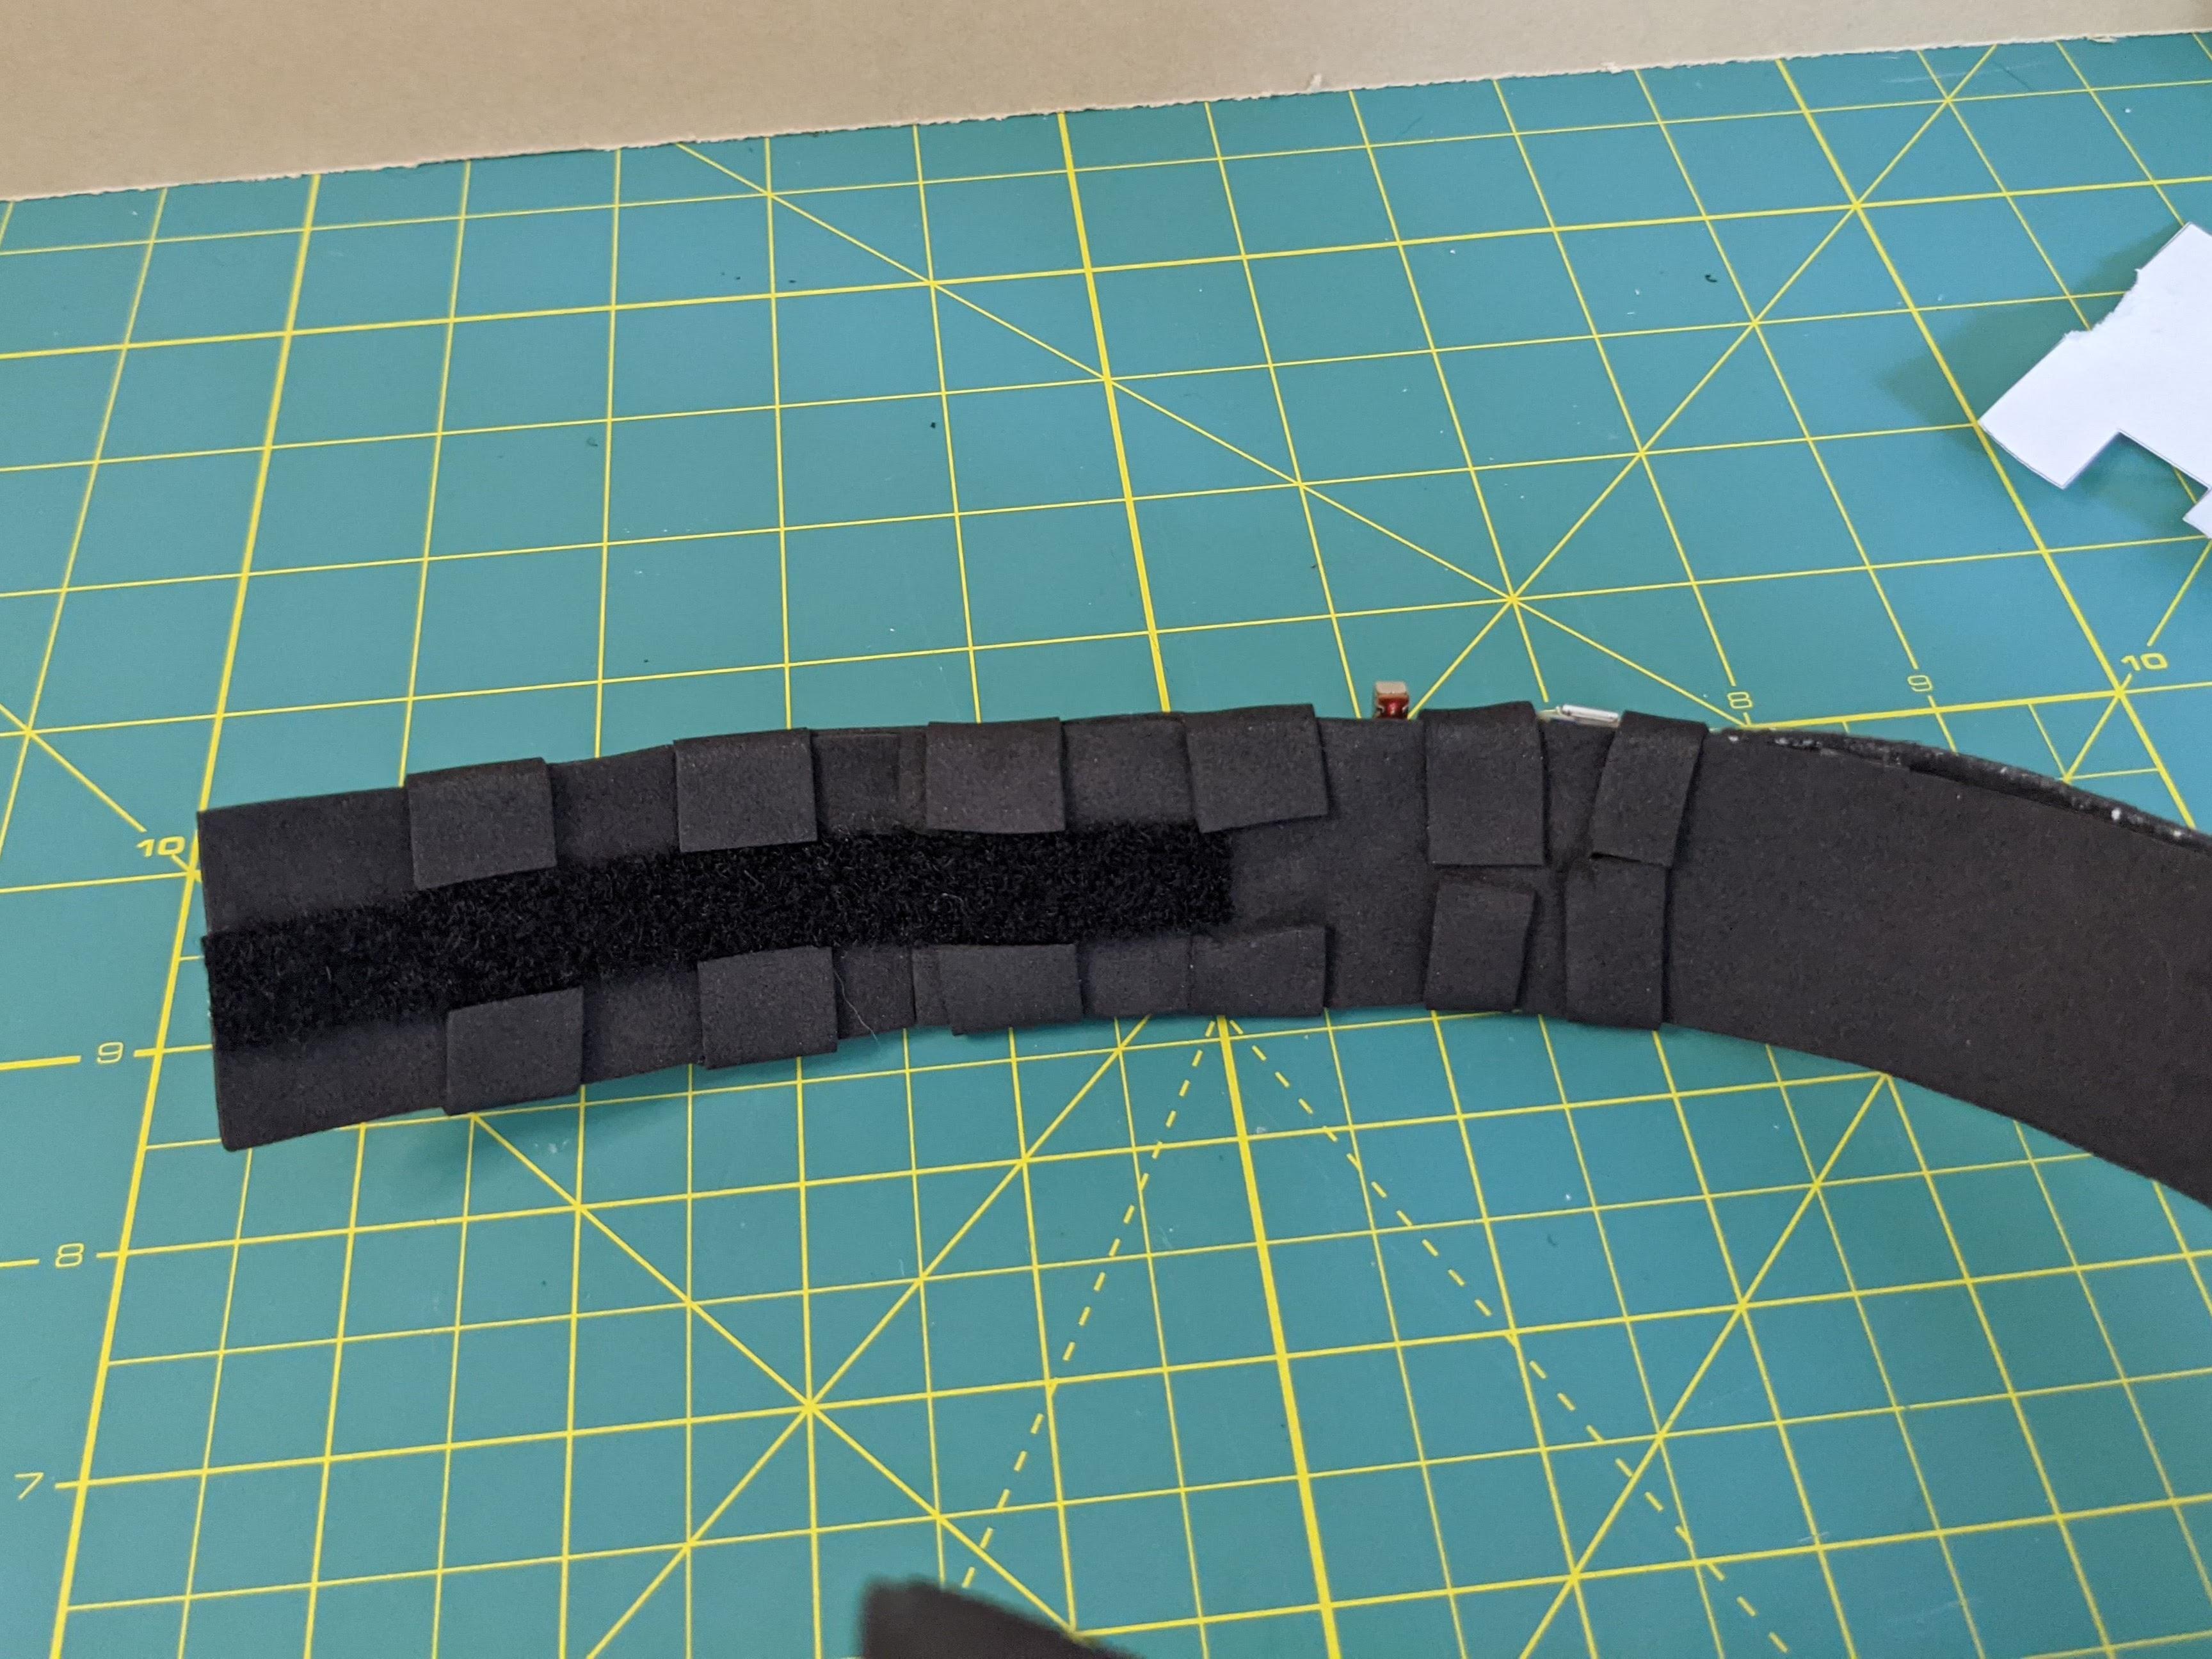 led_strips_PXL_20210125_202300073.jpg